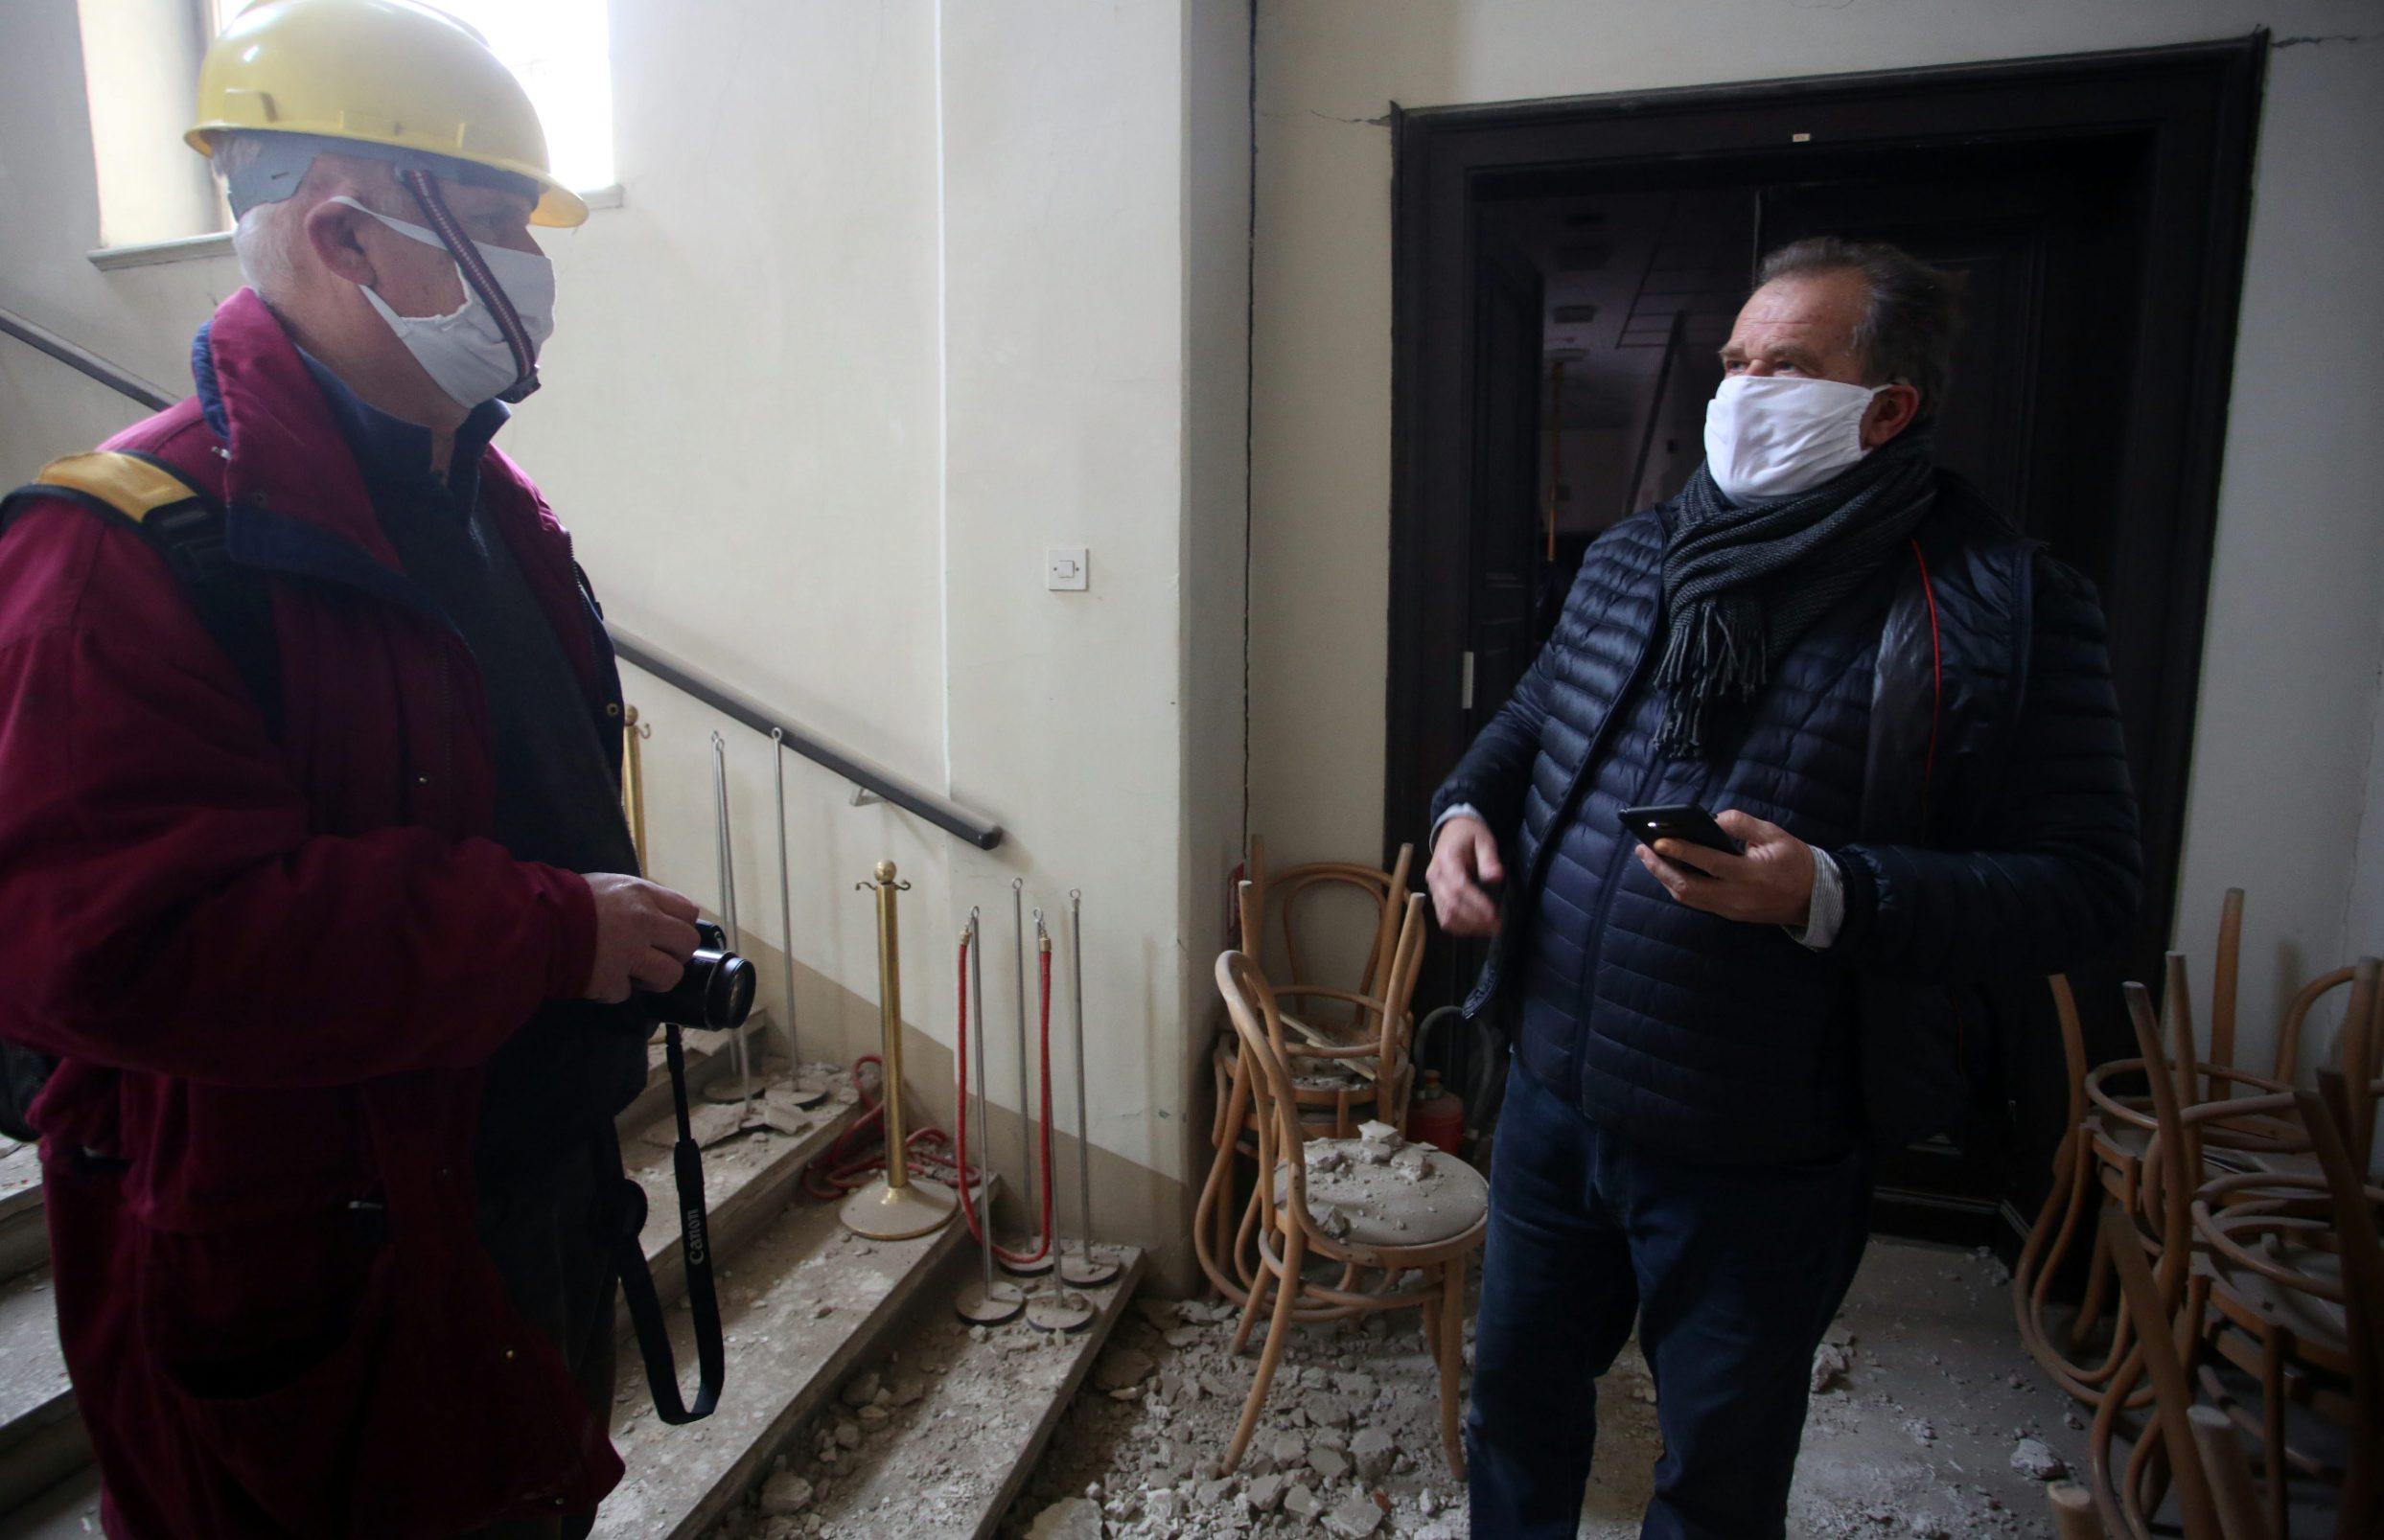 Zagreb, 240320. Muzej za umjetnost i obrt. Muzej je u potresu pretrpio veliku stetu. Ravnatelj MUO-a Miroslav Gasparovic u muzeju. Foto: Damjan Tadic / CROPIX